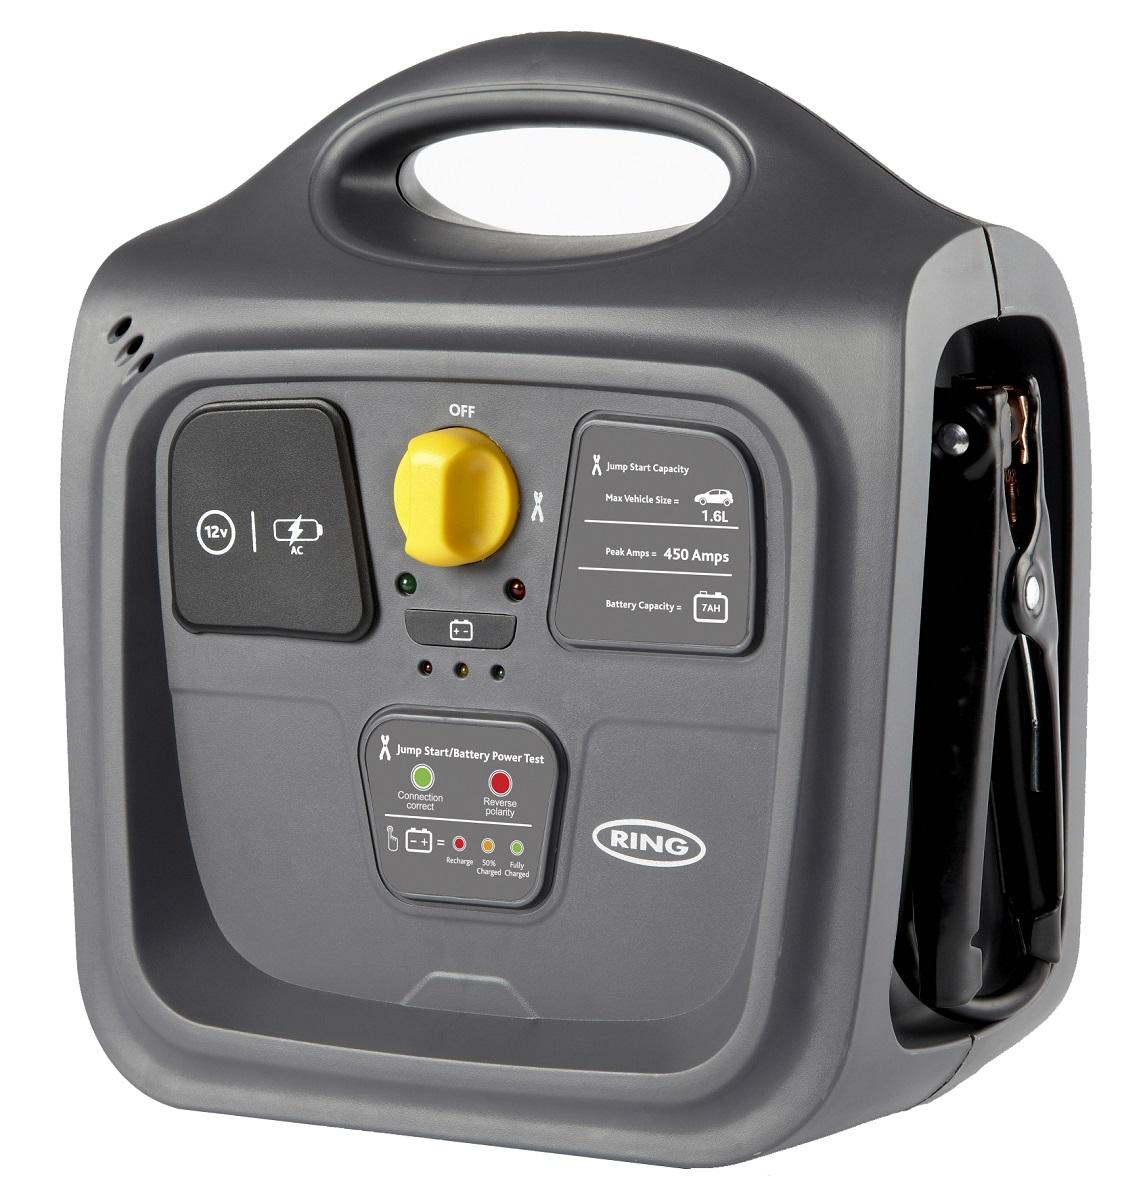 Пусковое многофункциональное устройство и источник питания Ring 7AH POWERPACKEP-LN920BBEGRUПортативное многофункциональное устройство для экстренного запуска автомобиля и другого транспортного средства, зарядки электронных устройств, освещения местности за счет встроенного источника питания 12В. Рекомендуется для запуска двигателя объемом до 1,6 л. Пиковый пусковой ток 450А. Емкость встроенной свинцово-кислотной АКБ 7Ач (12В). Устройство имеет розетку 12В для подключения автоаксессуаров (разъем типа прикуриватель). Зажимы типа крокодил убираются внутрь прибора. Встроенный индикатор зарядки. Компактный дизайн, английский подход и безупречное качество делают этот прибор незаменимым помощником холодной зимой и жарким летом.